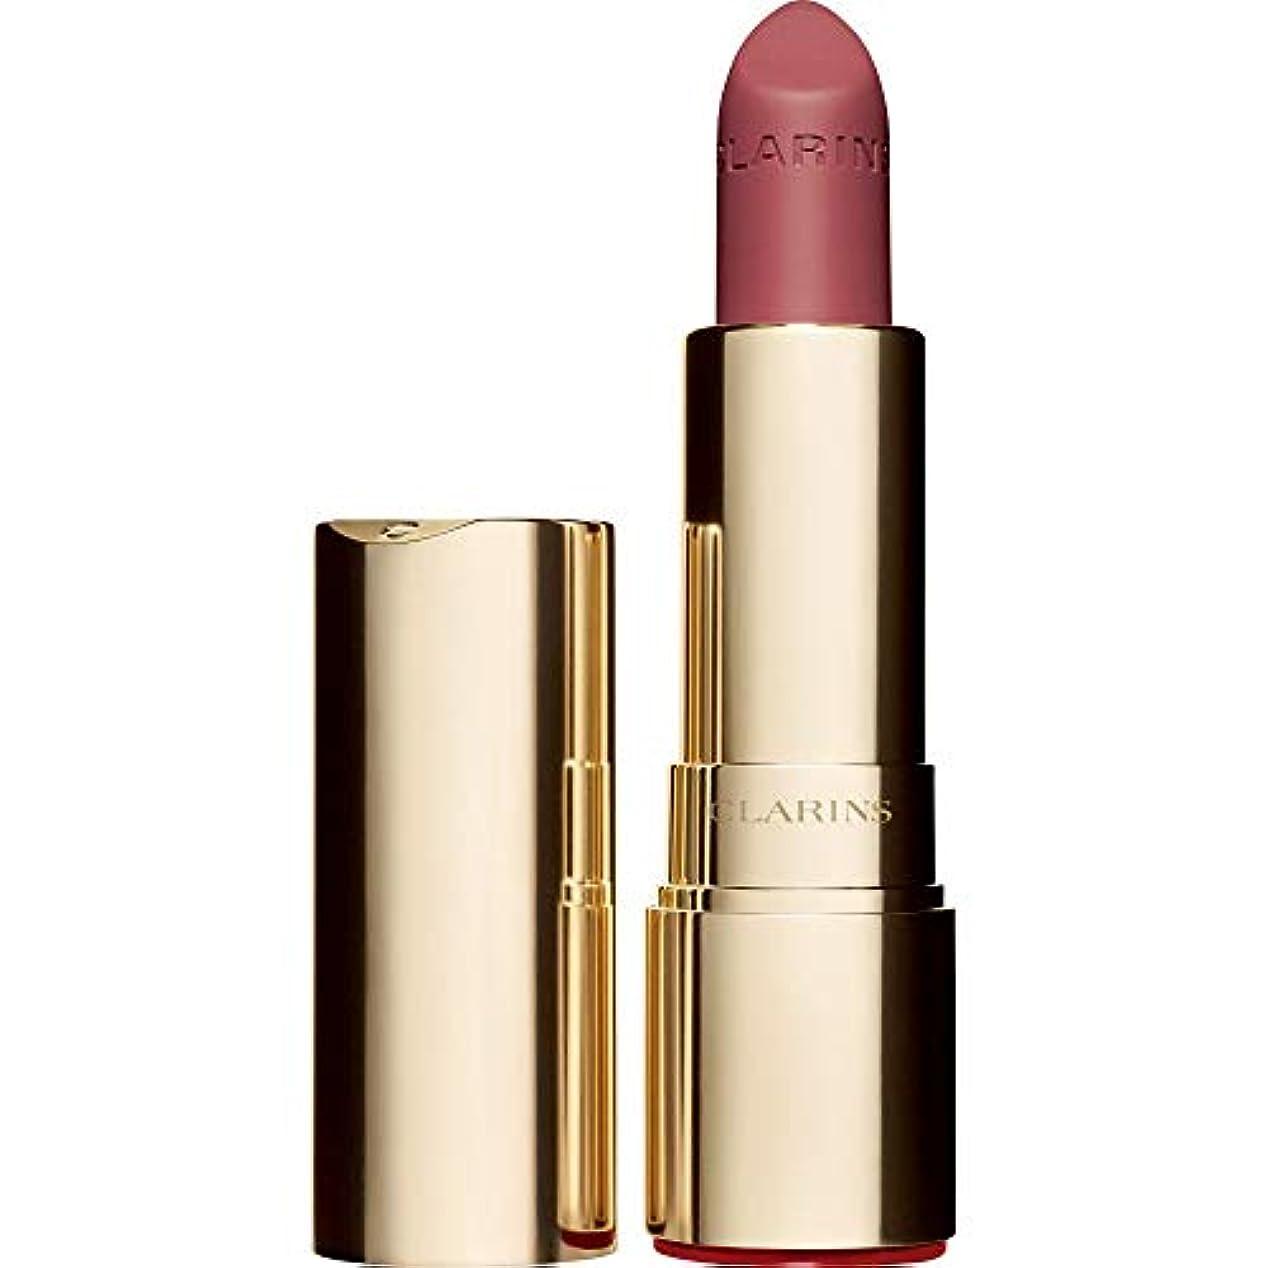 アナニバー肺しっかり[Clarins ] クラランスジョリルージュのベルベットの口紅3.5グラムの752V - ローズウッド - Clarins Joli Rouge Velvet Lipstick 3.5g 752V - Rosewood...